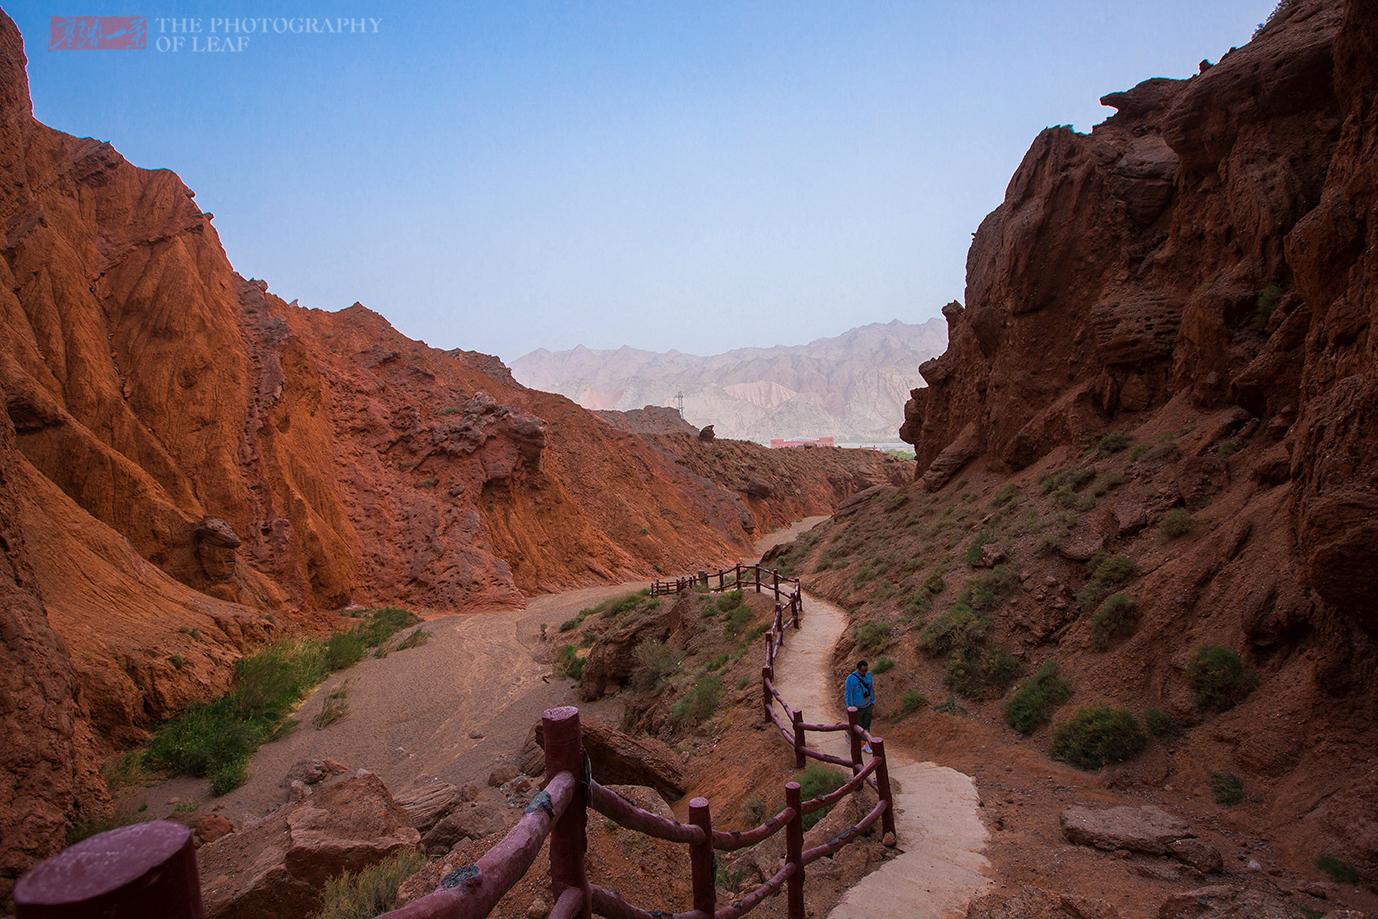 原创             新疆天山大峡谷,干旱无任何植被的地方,地面冒出溪流又神秘消失